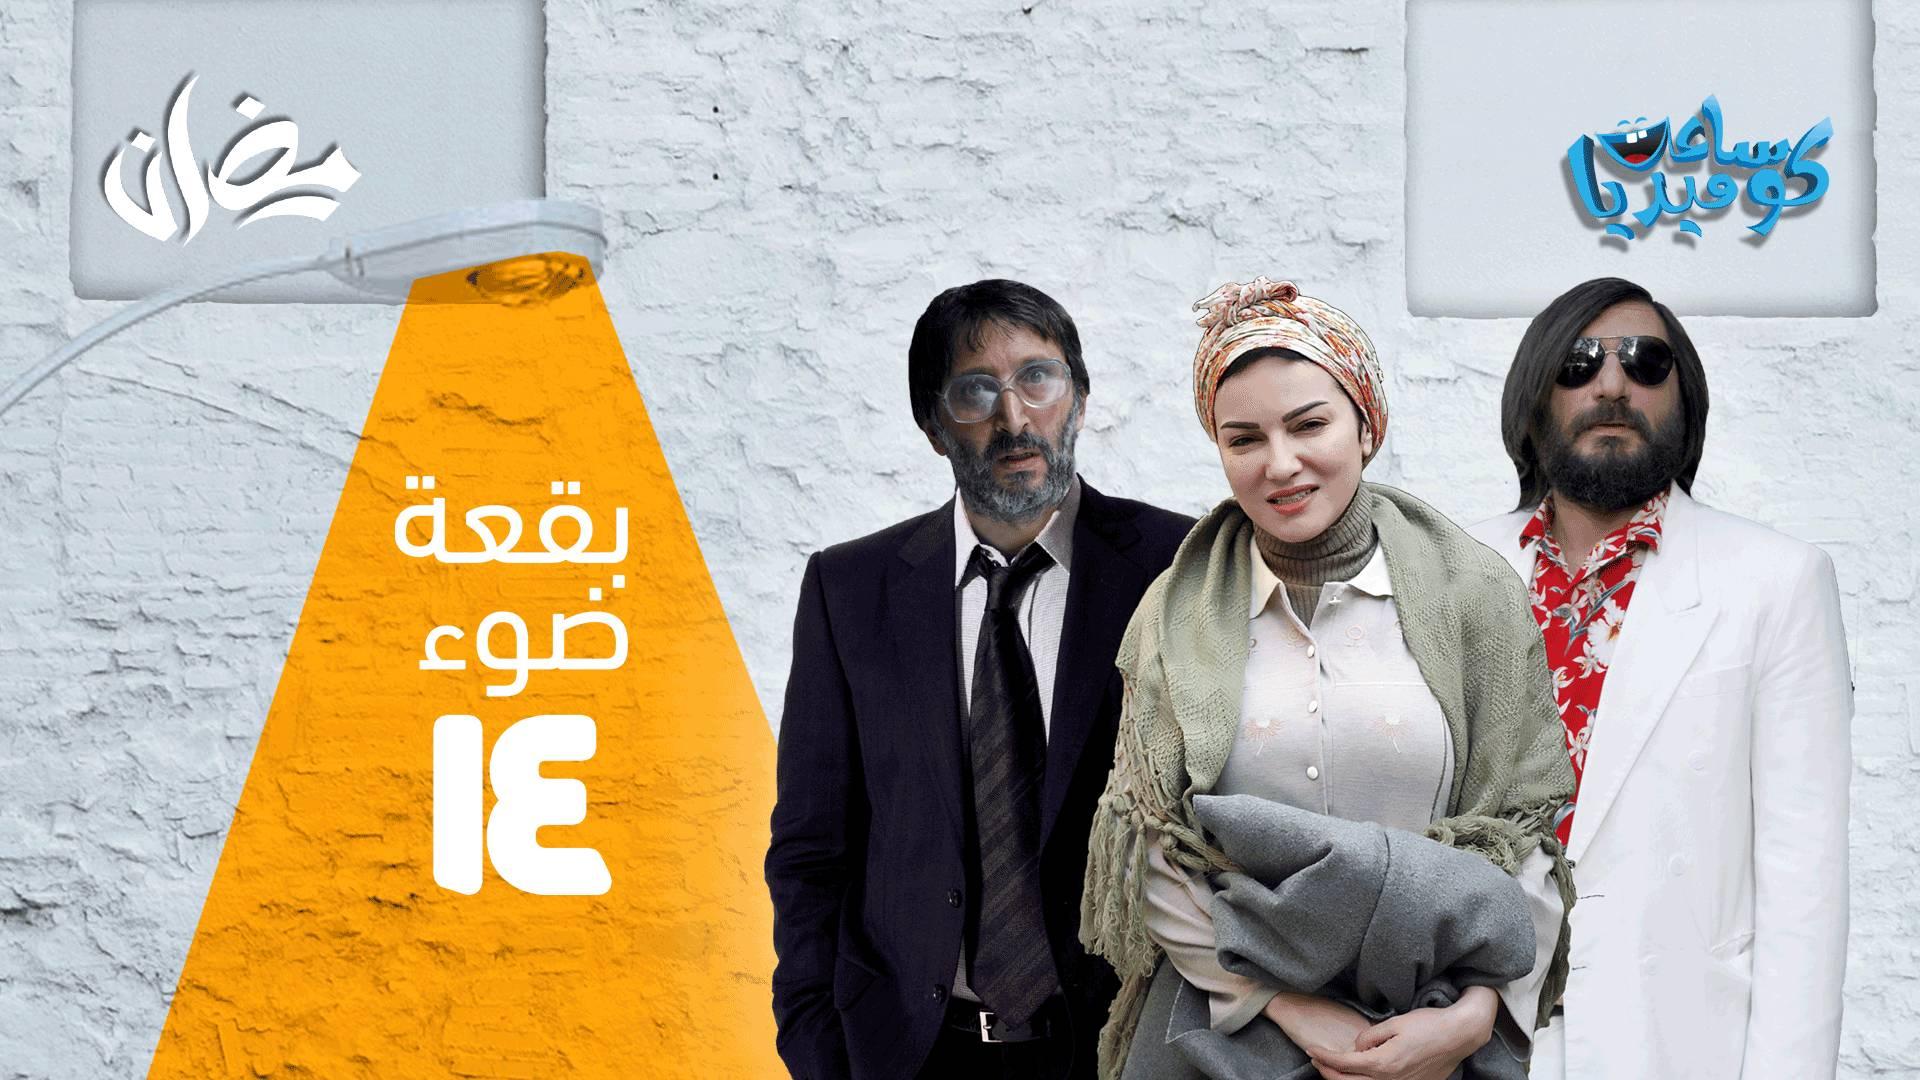 موعد وتوقيت عرض مسلسل بقعة ضوء 14 على قناة رؤيا رمضان 2019